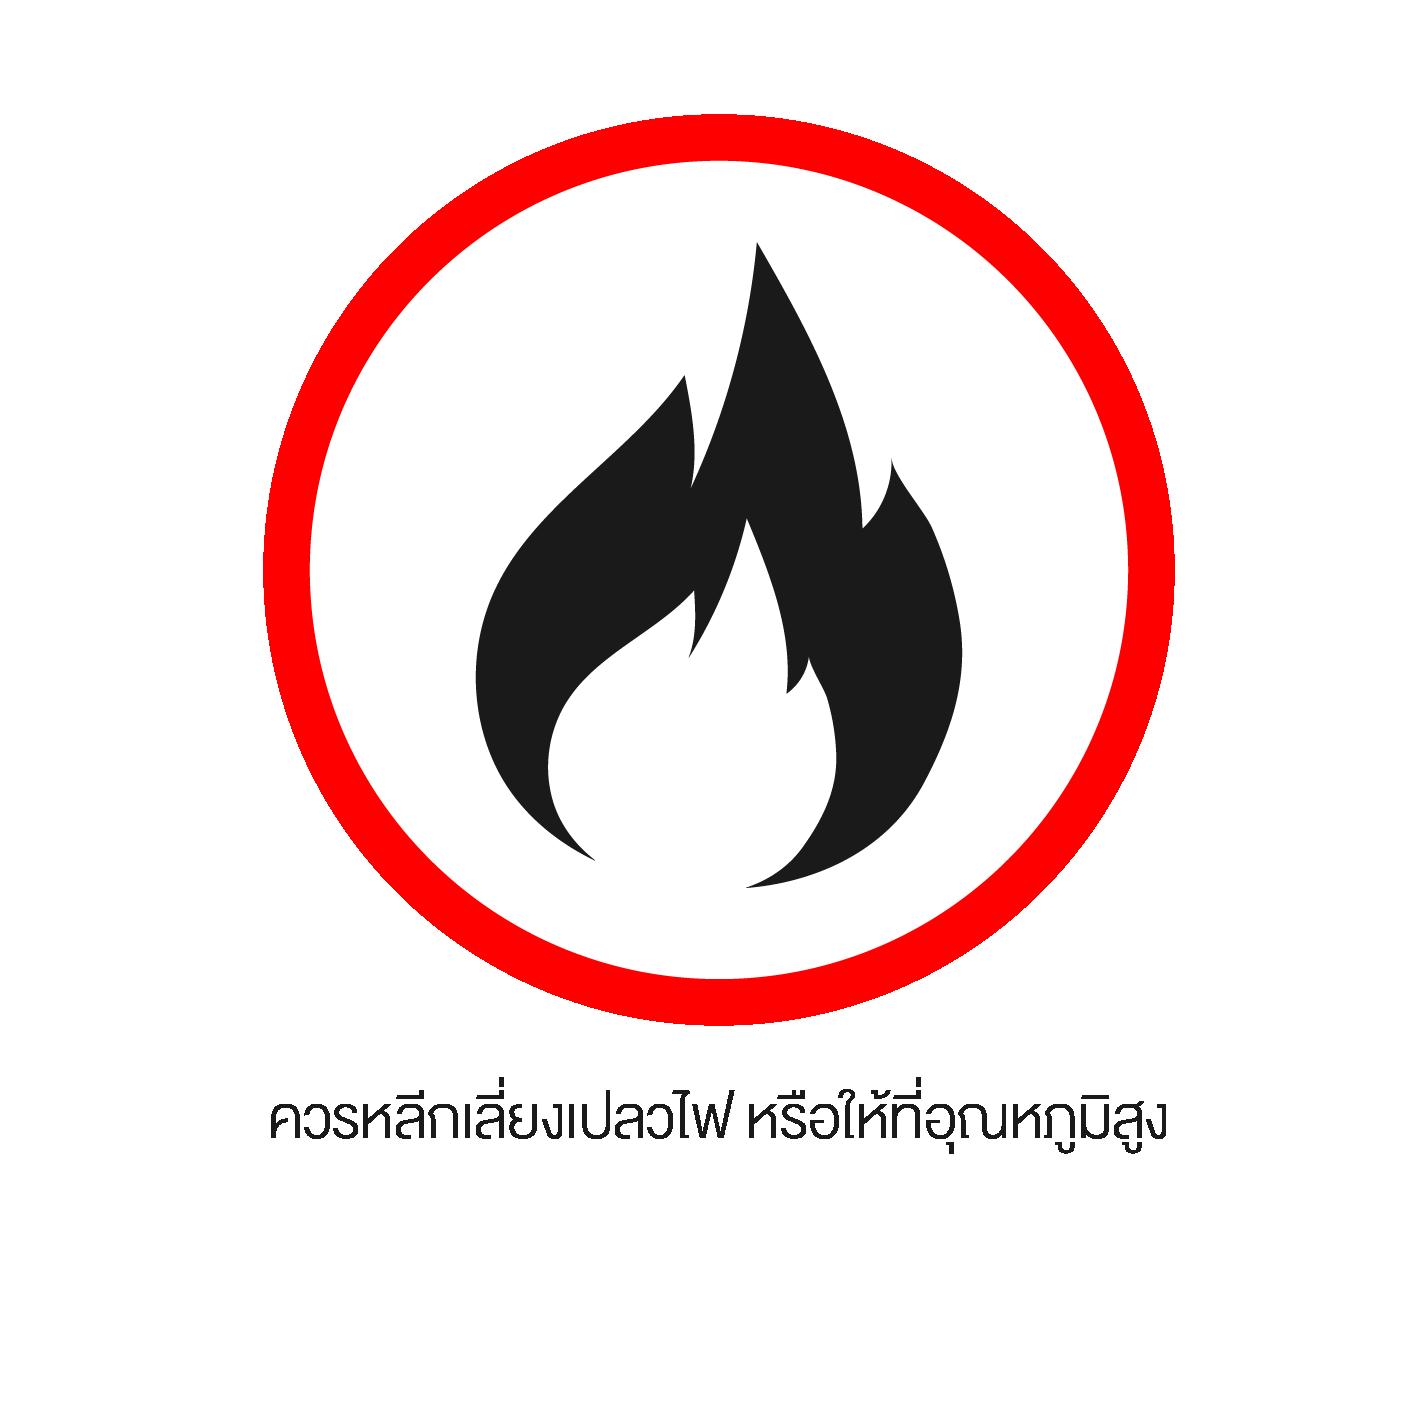 ข้อควรระวังหลีกเลี่ยงไฟ